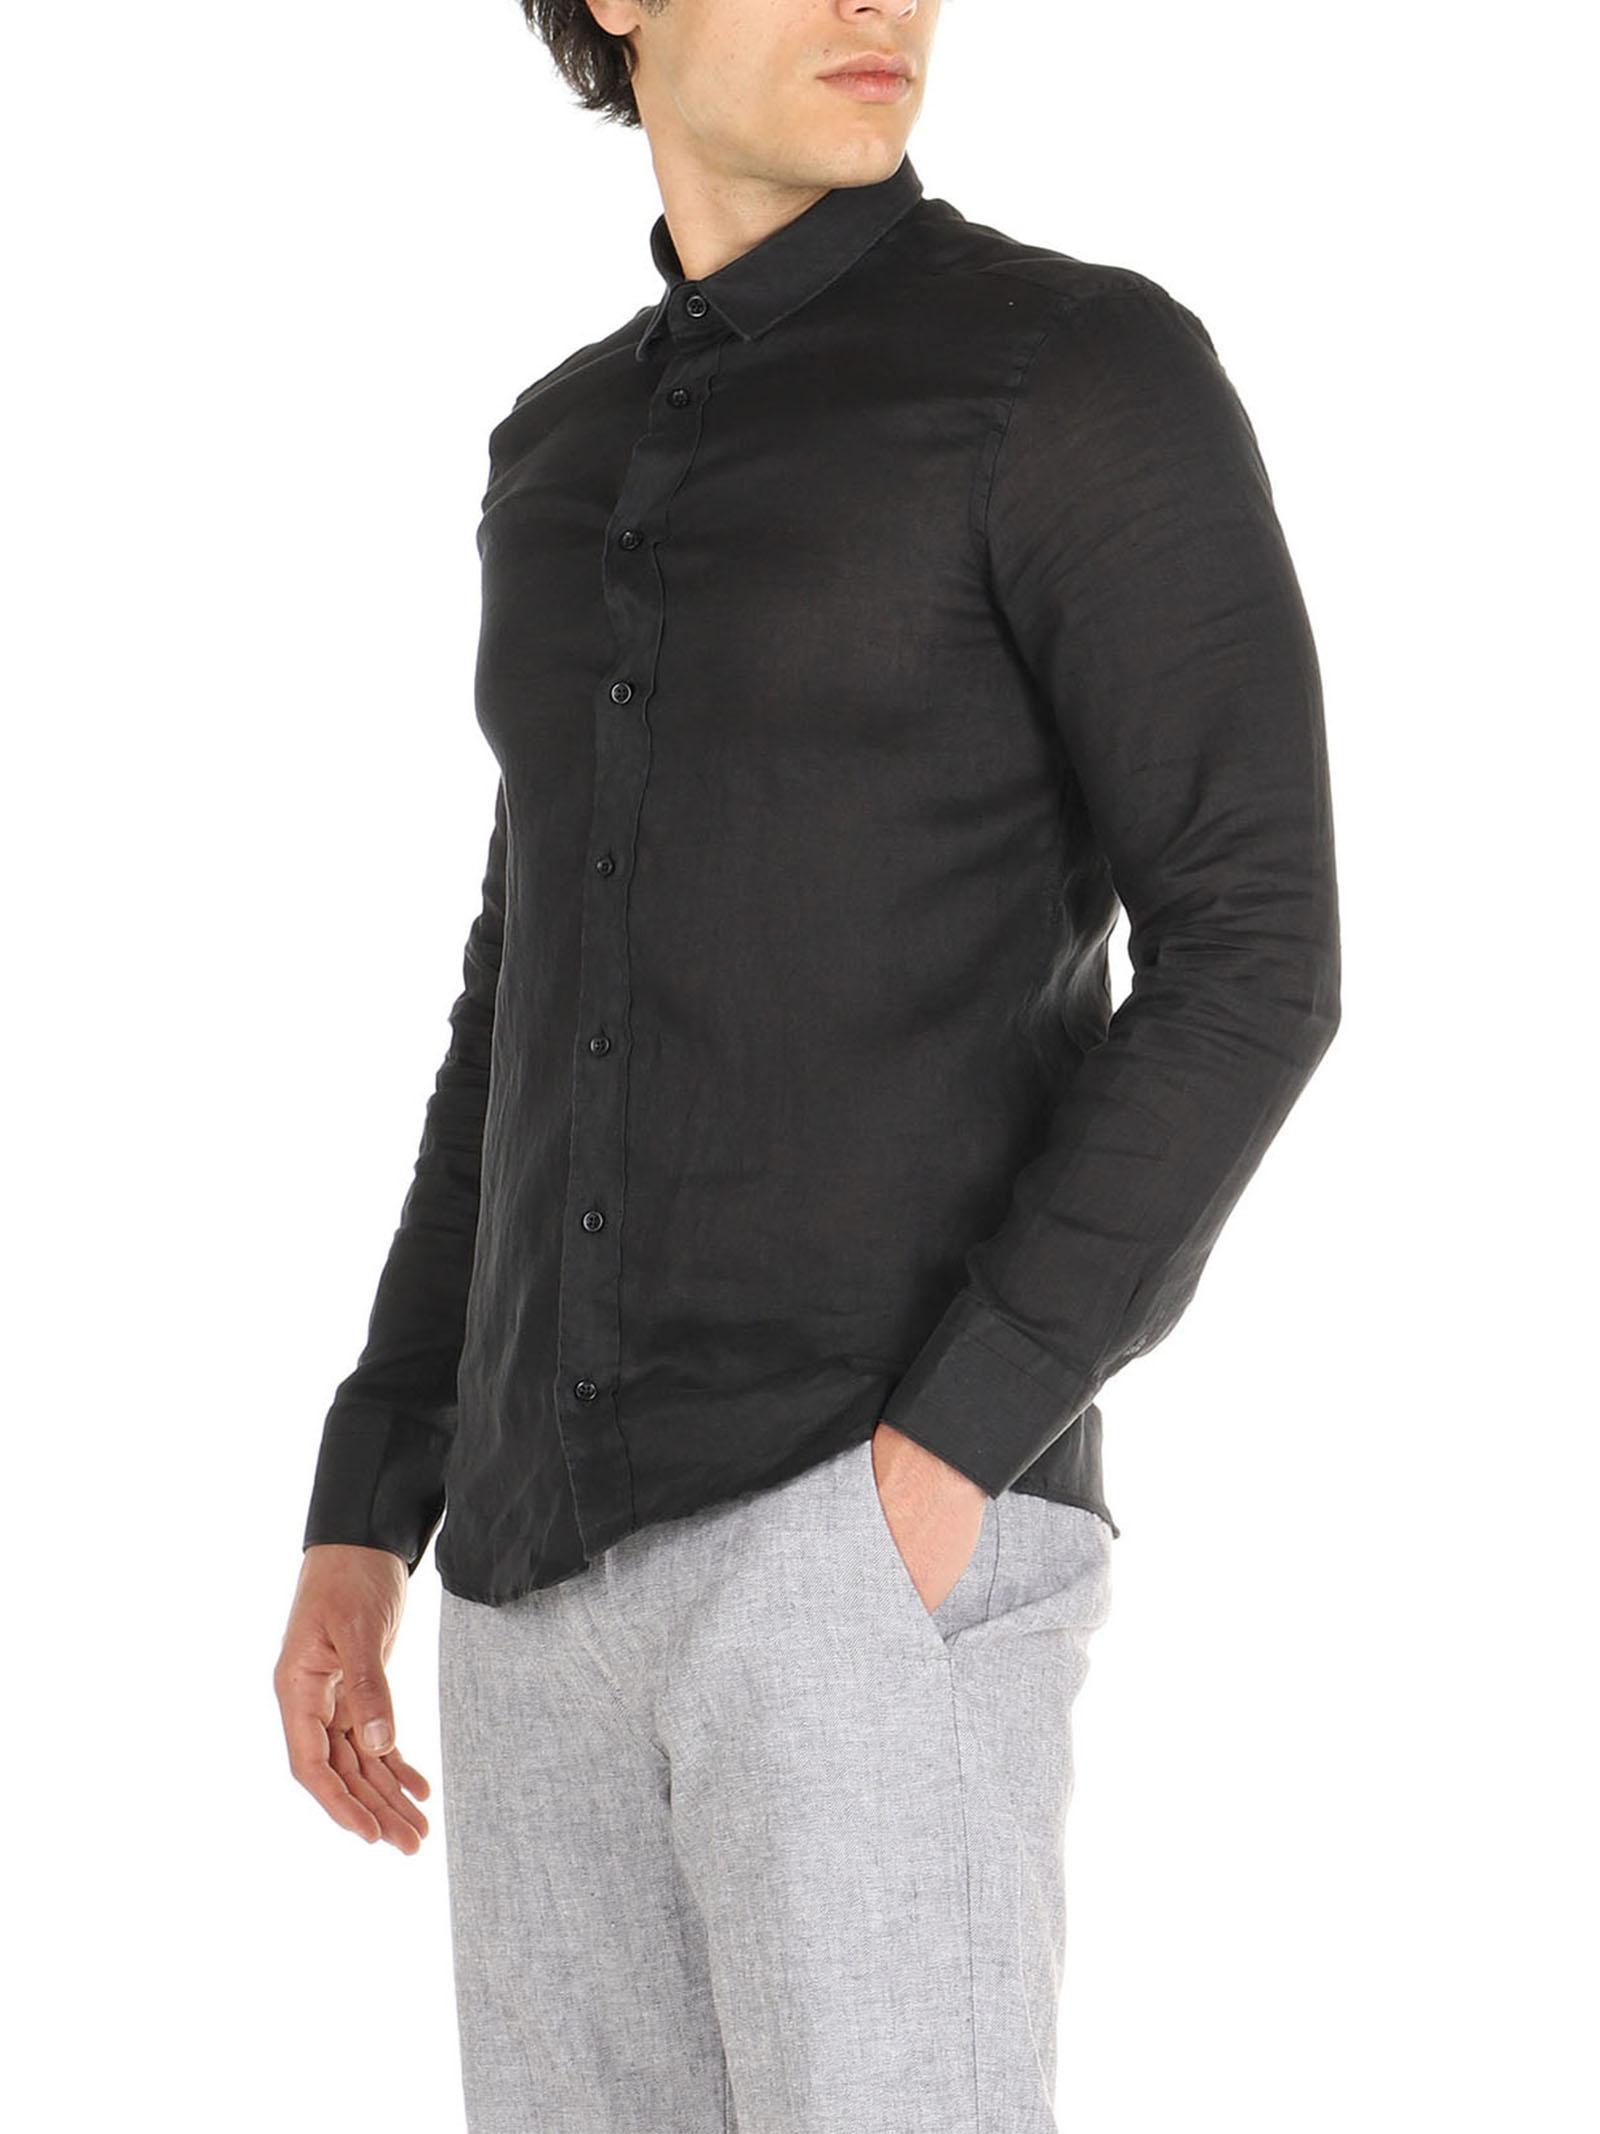 Camicia nero di lino maniche lunghe De Lamp   Camicie    DL21 3000DXNERO